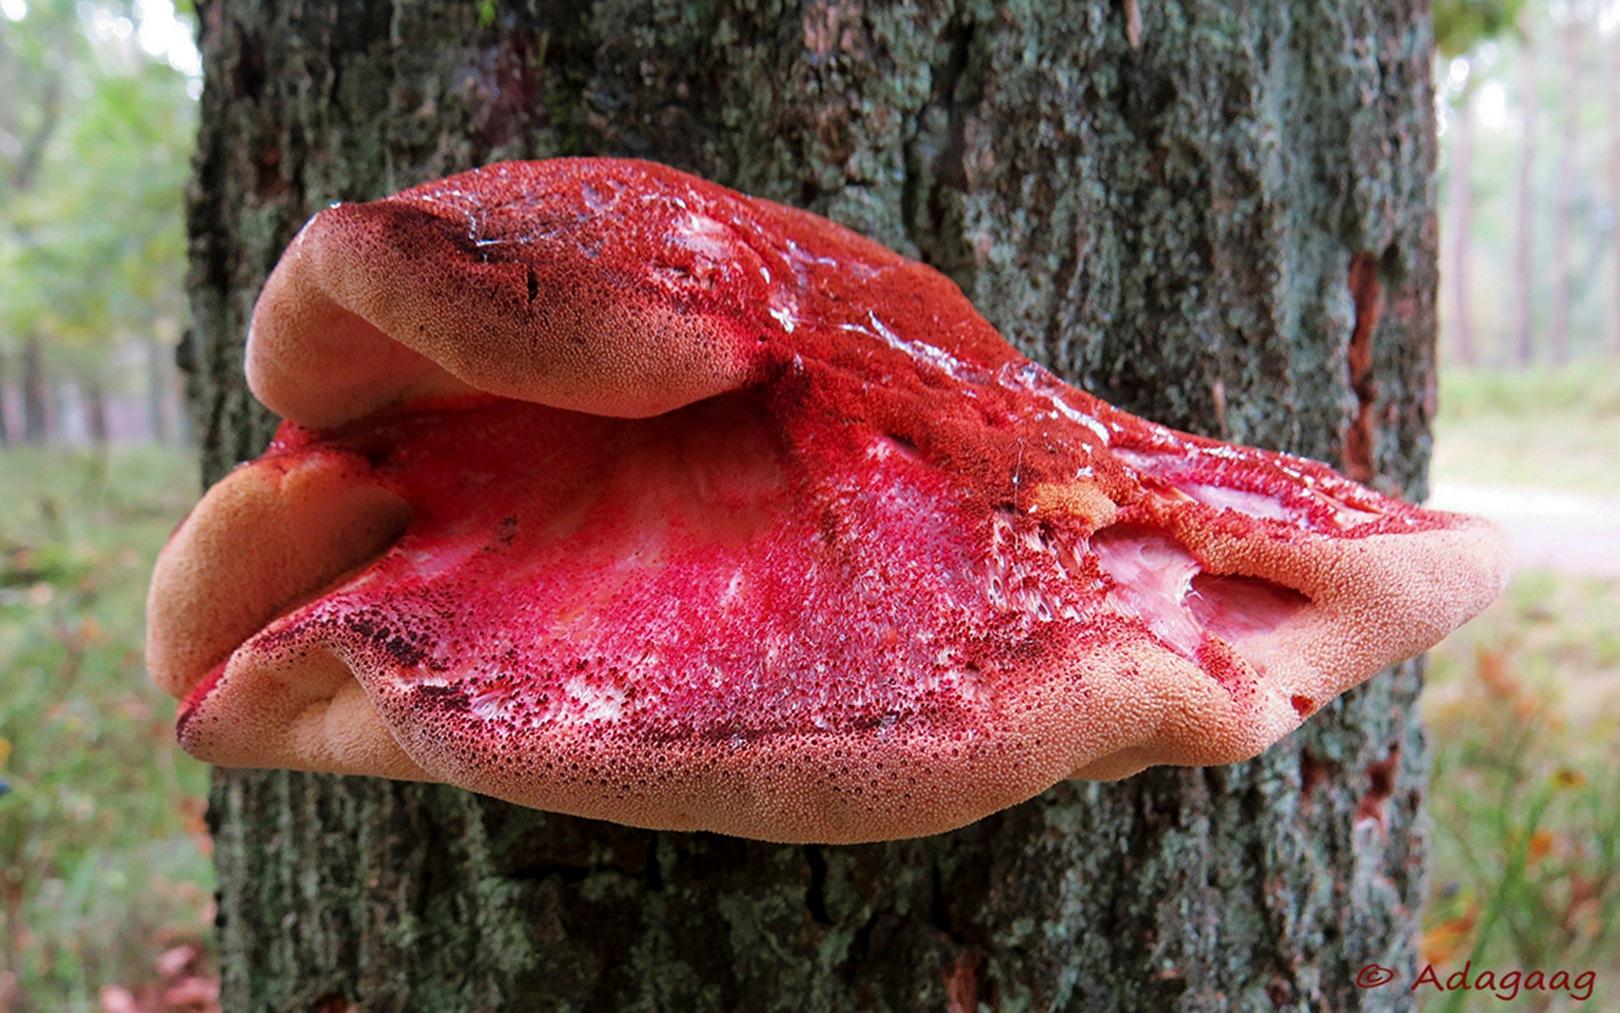 Steak mushroom by adagaag